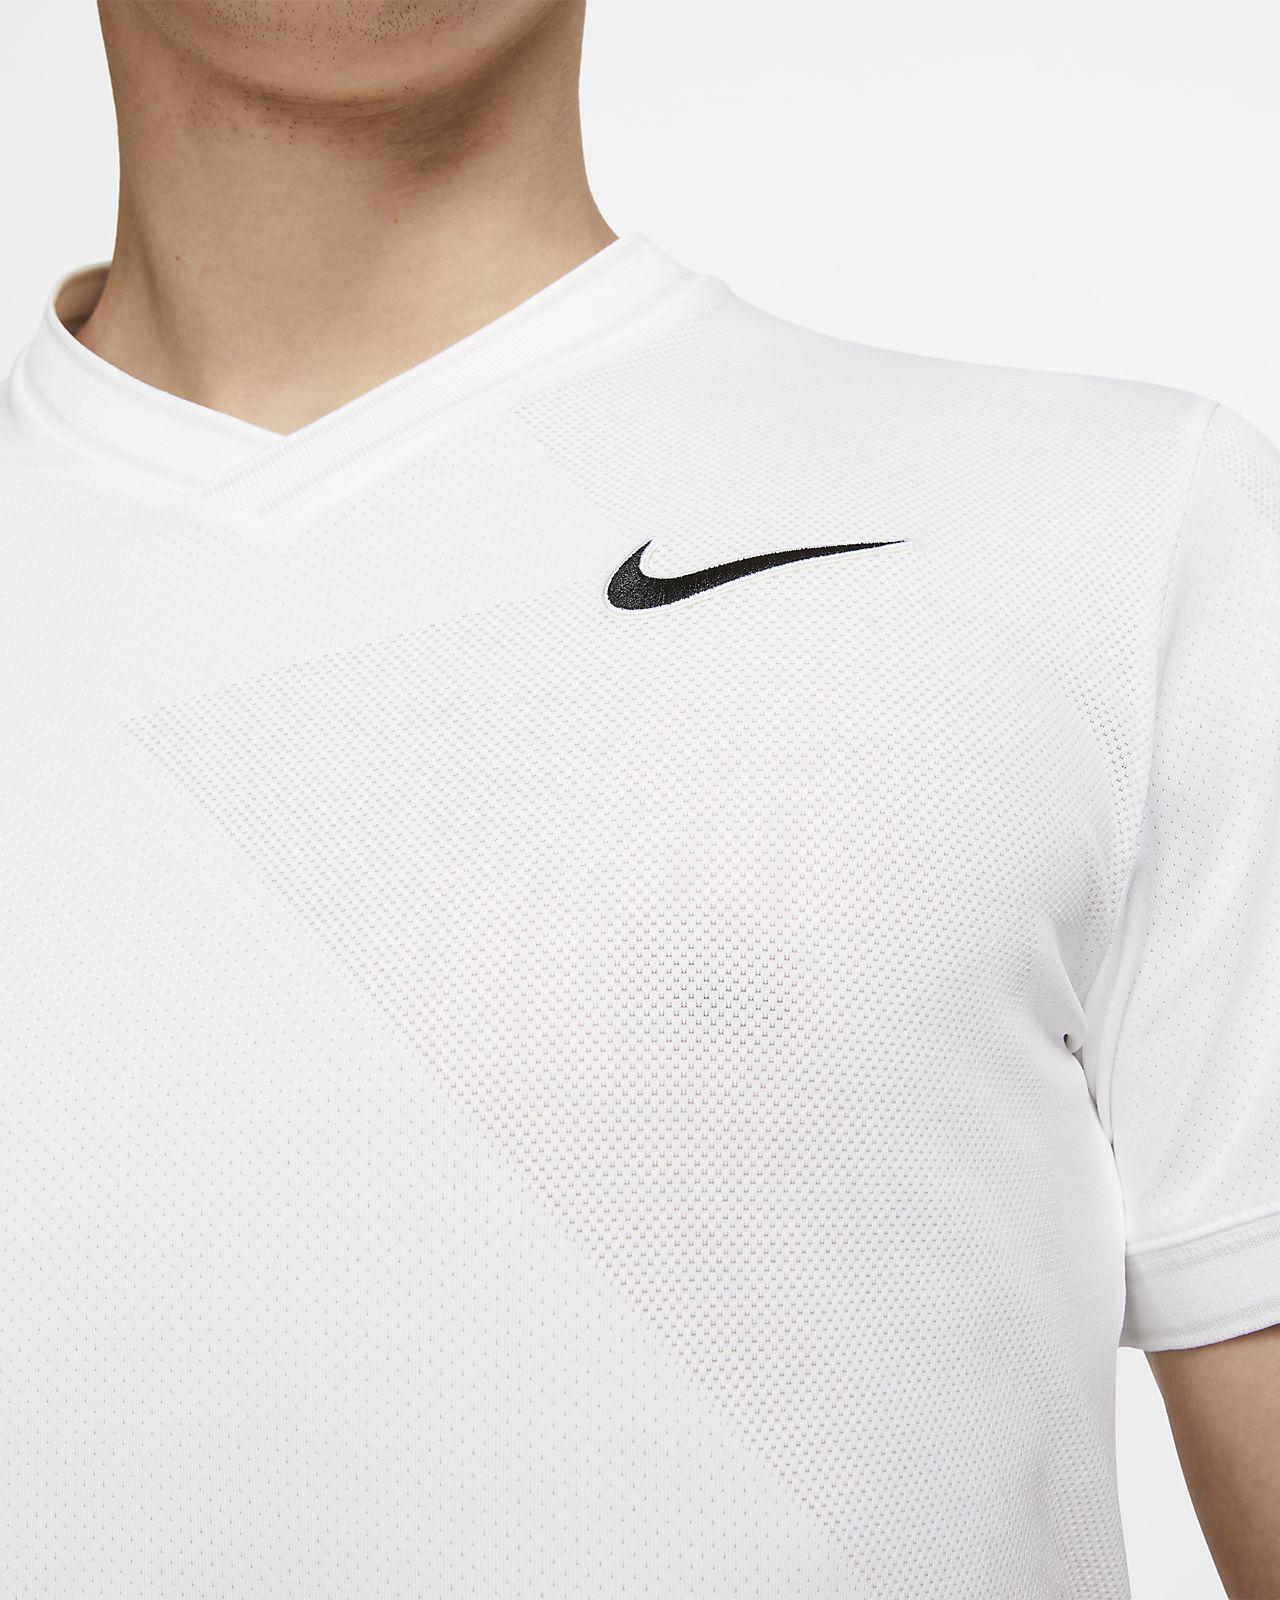 6b60d112d Nike Dri Fit Aeroreact Short Sleeve T Shirt Womens - raveitsafe